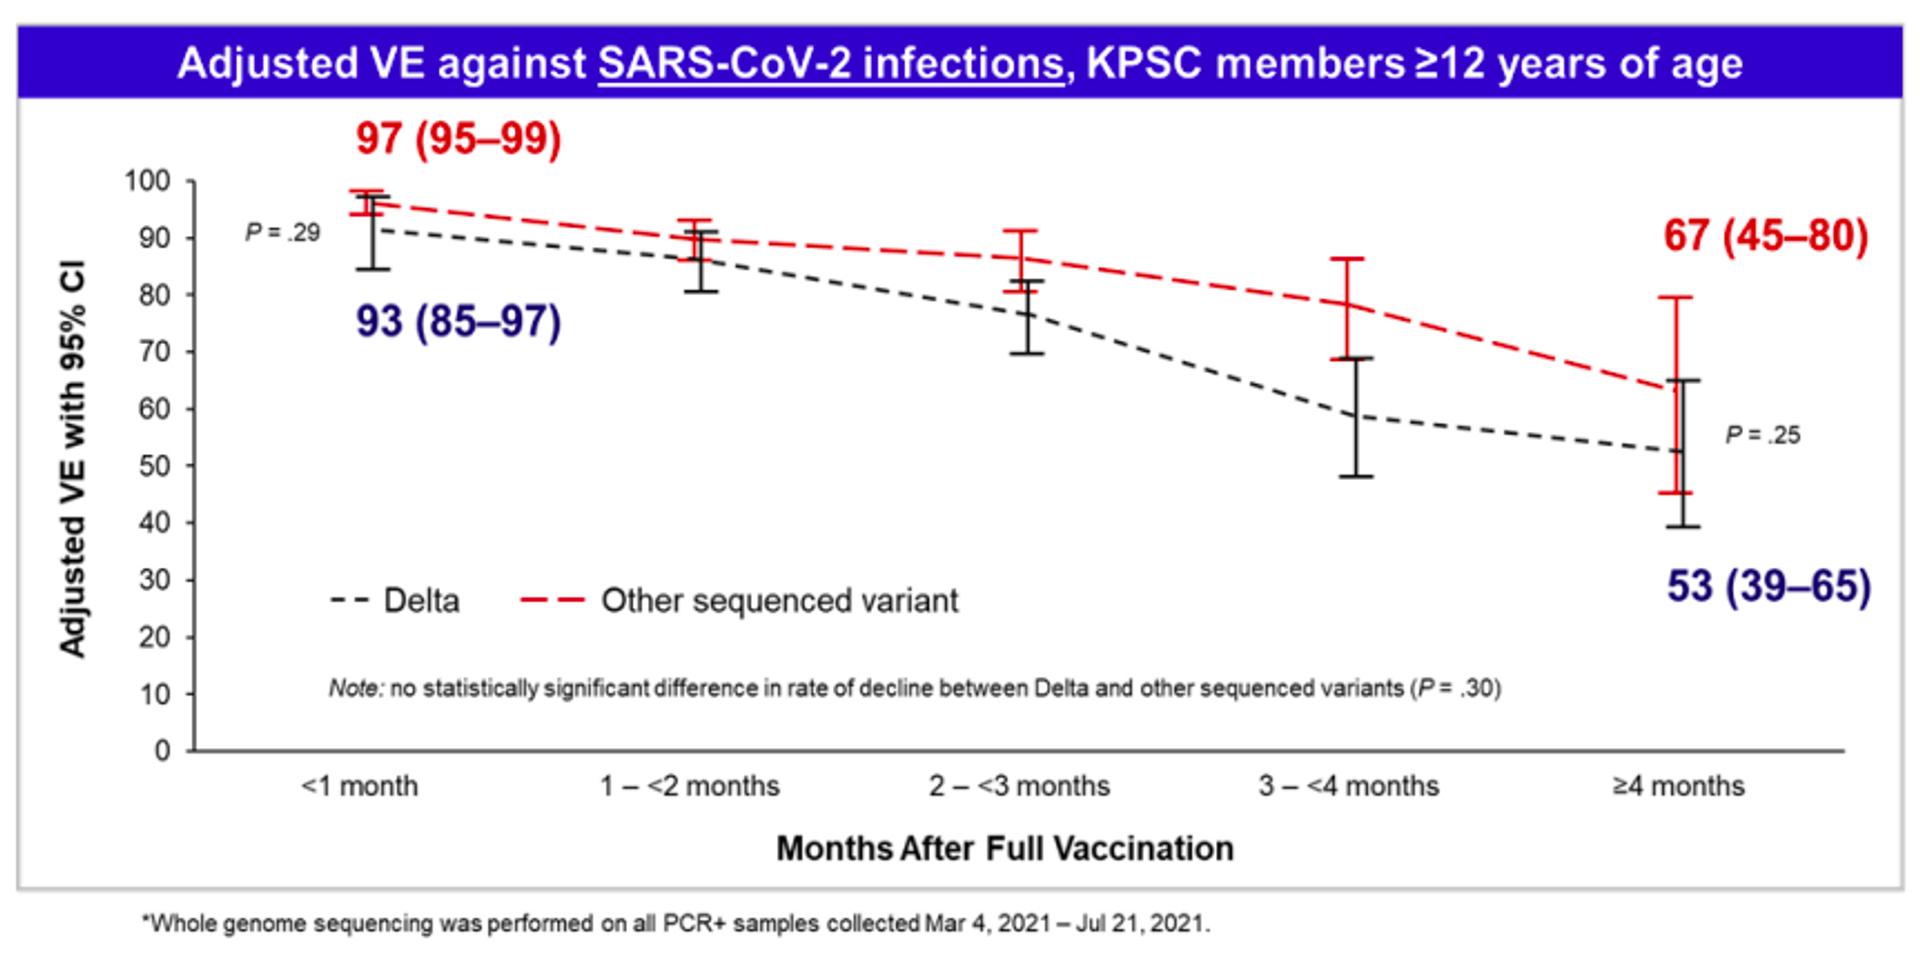 Hiệu quả của Pfizer đối với chủng delta giảm mạnh (từ 93% xuống 53%) trong vòng 4 tháng sau khi tiêm chủng đầy đủ - Sputnik Việt Nam, 1920, 05.10.2021